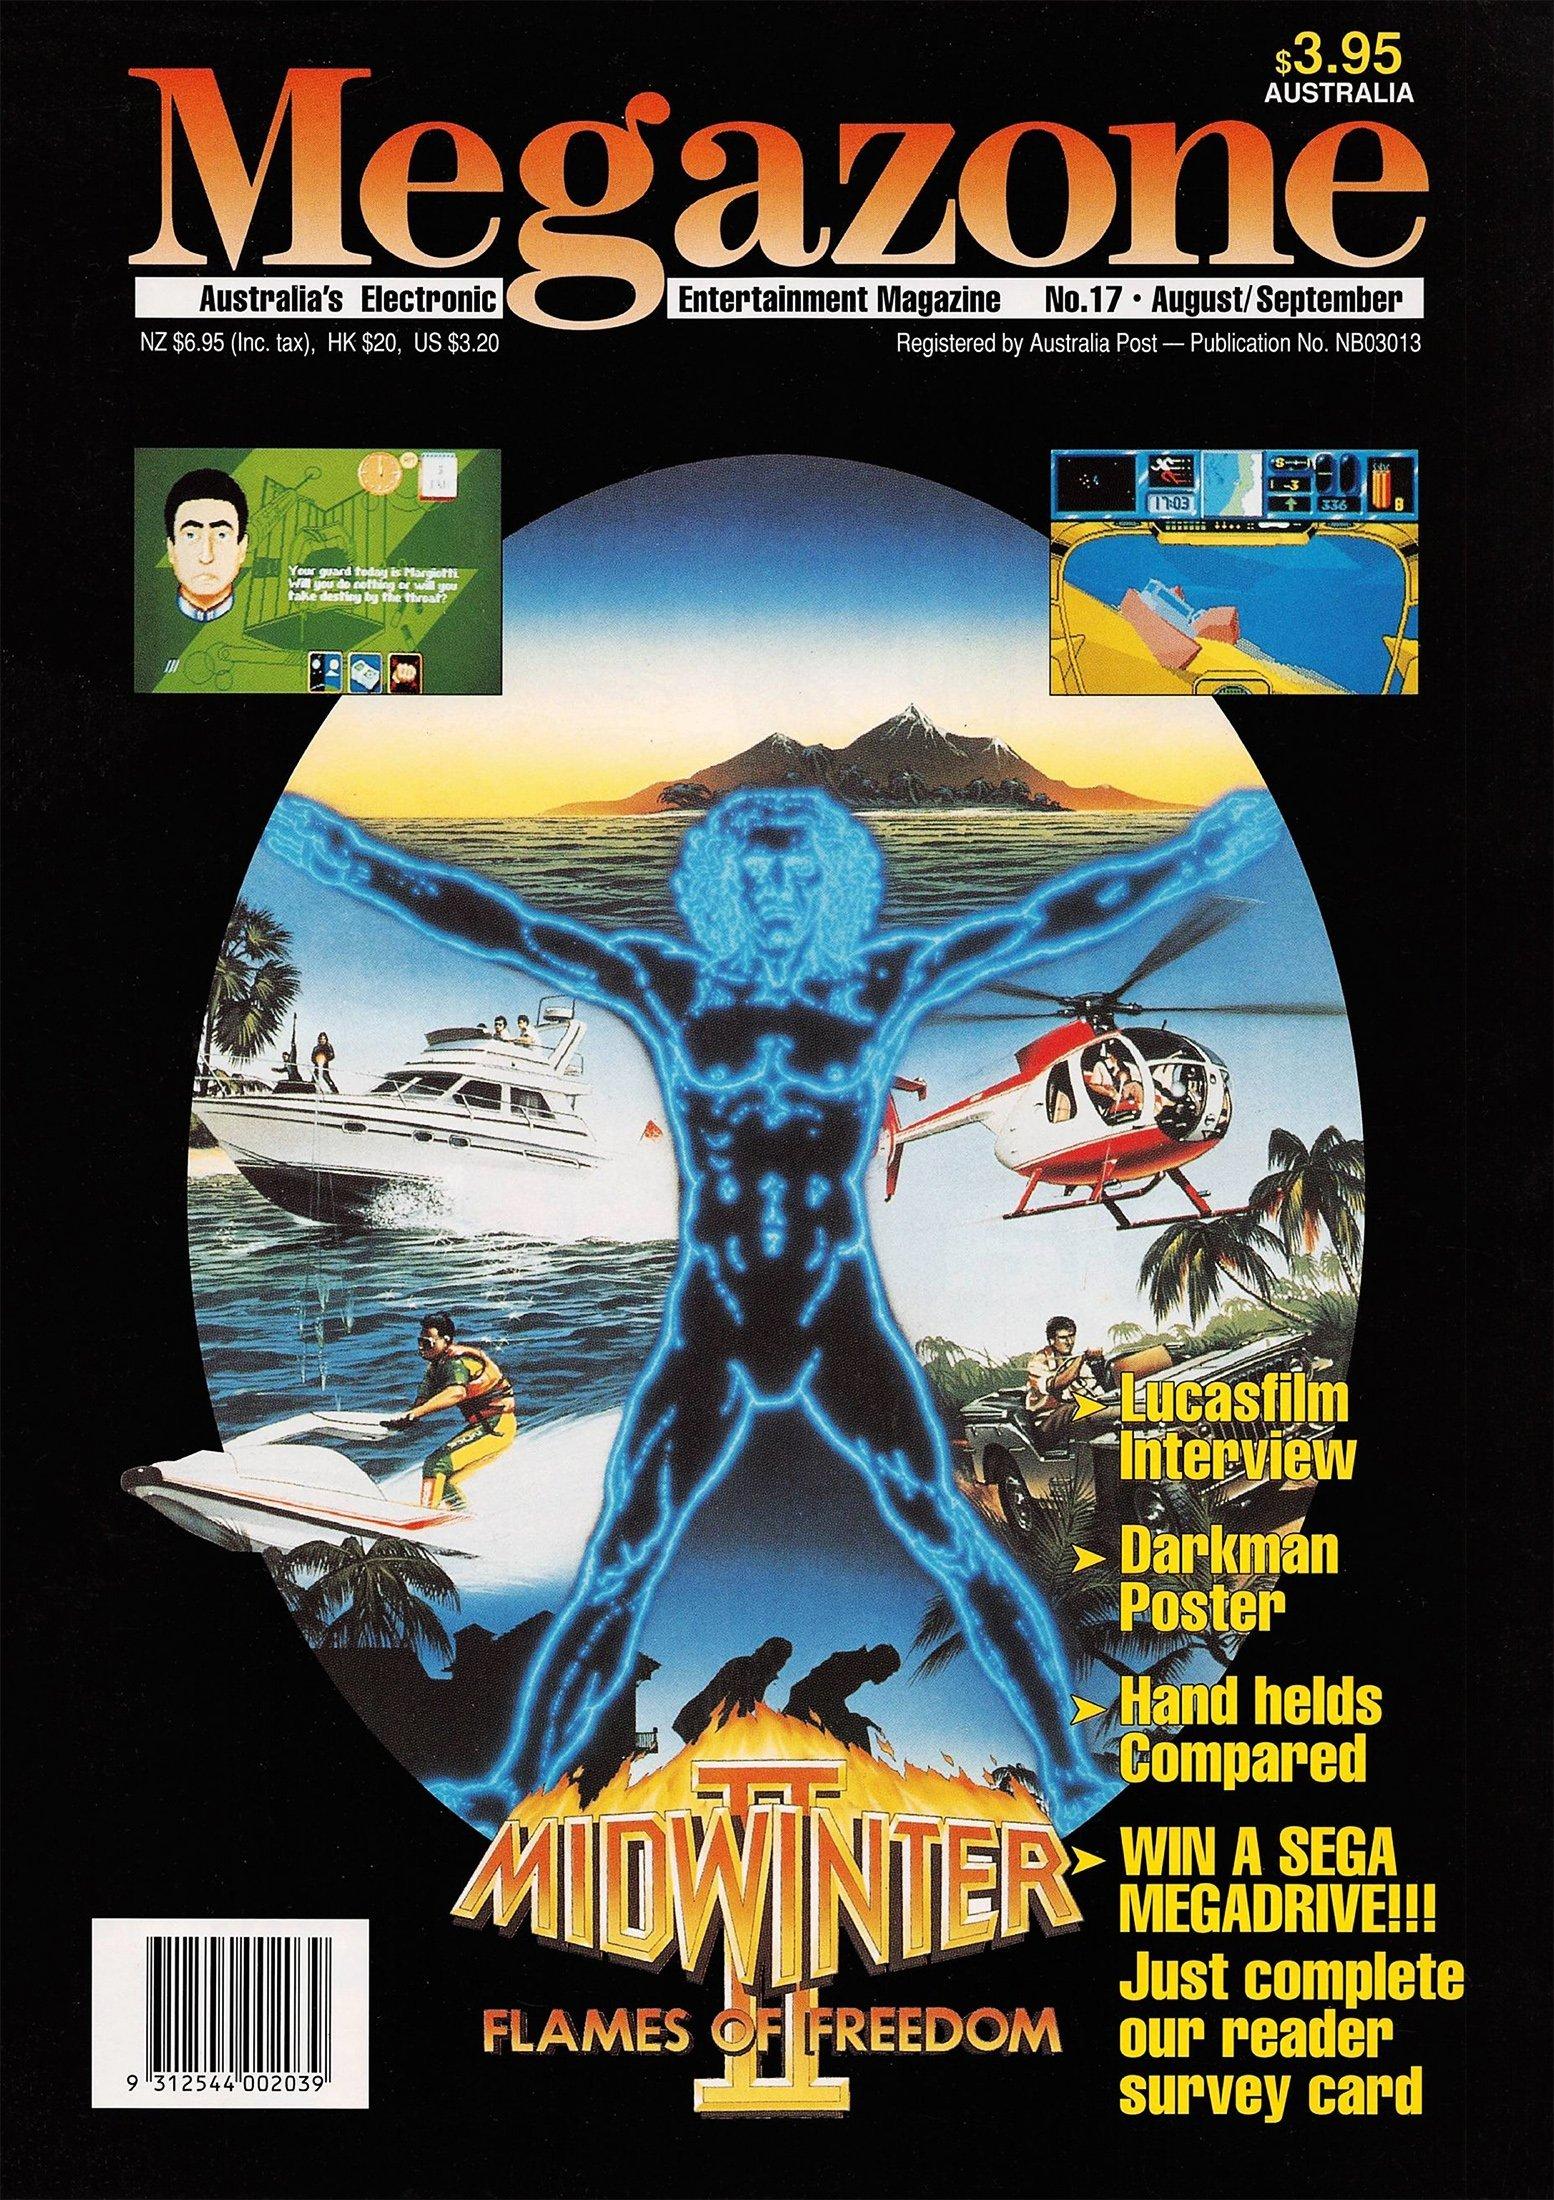 MegaZone 17 (August / September 1991)